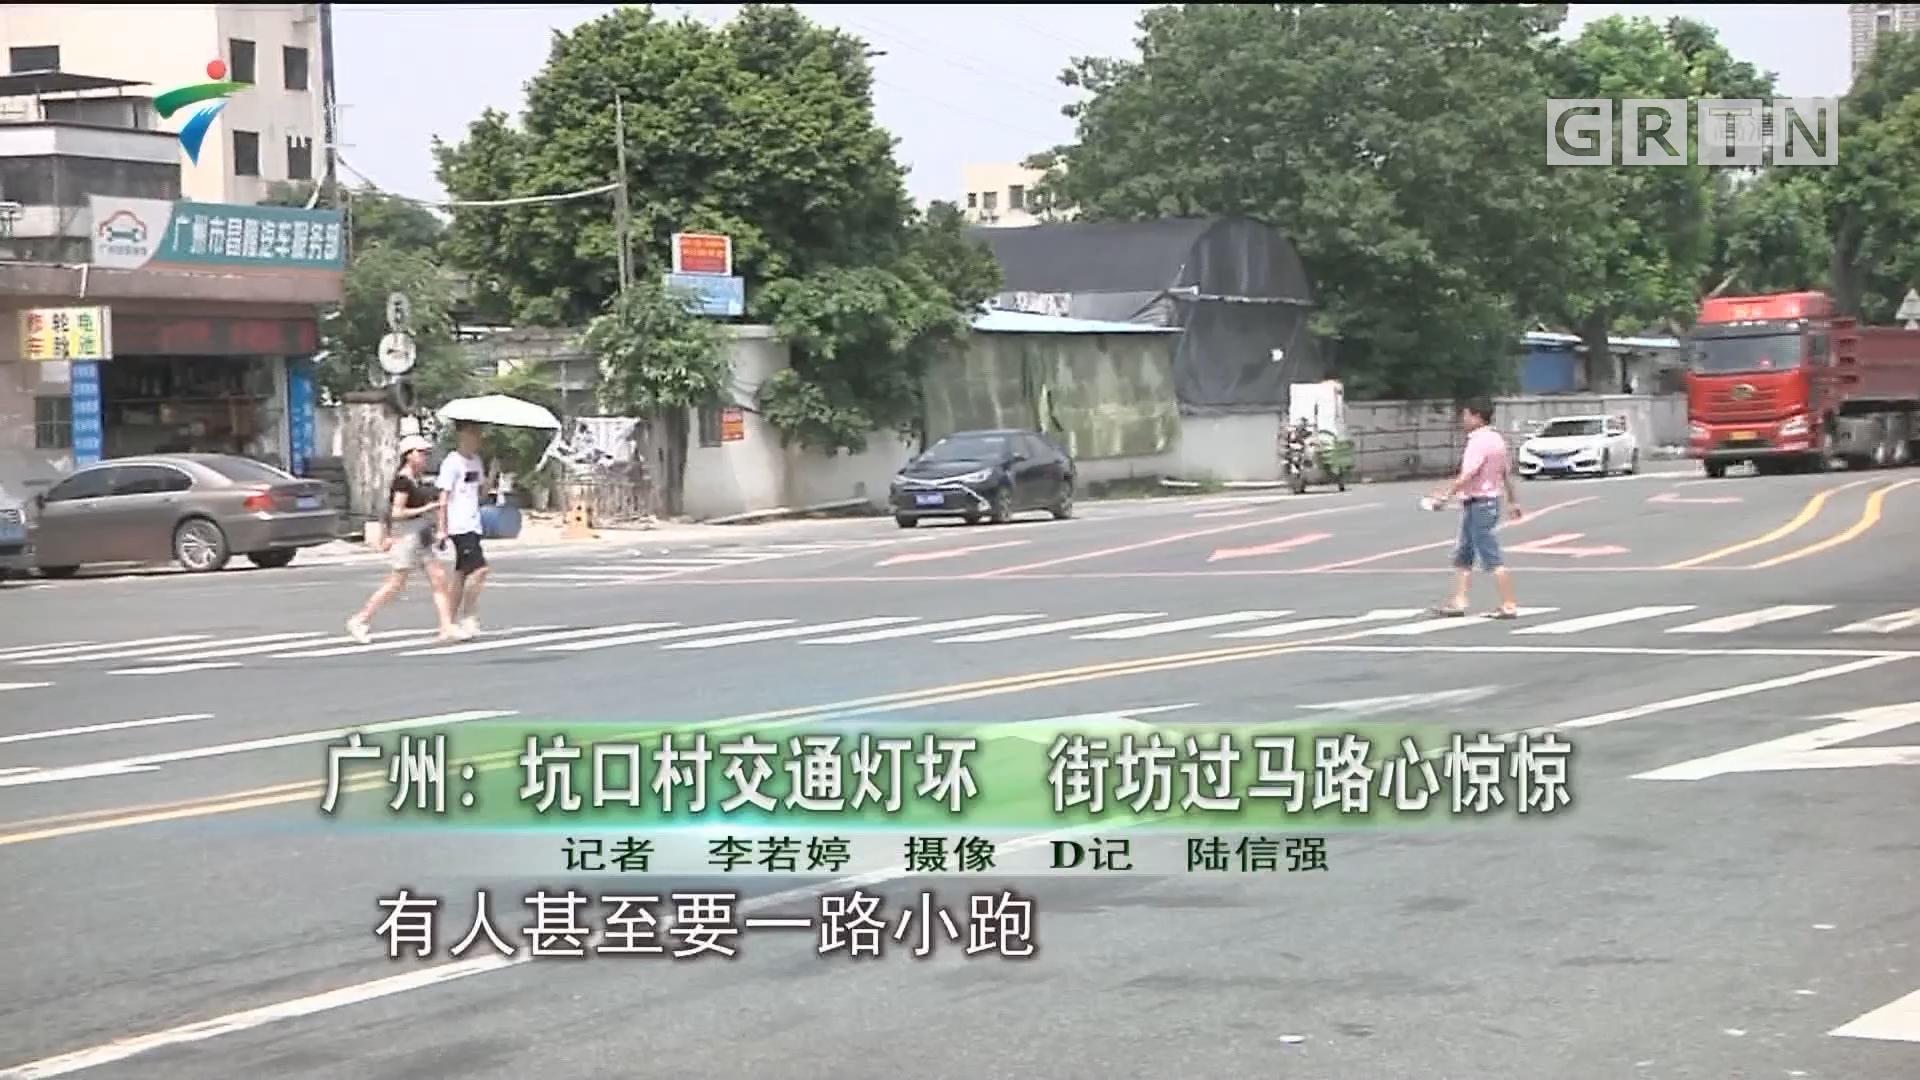 广州:坑口村交通灯坏 街坊过马路心惊惊